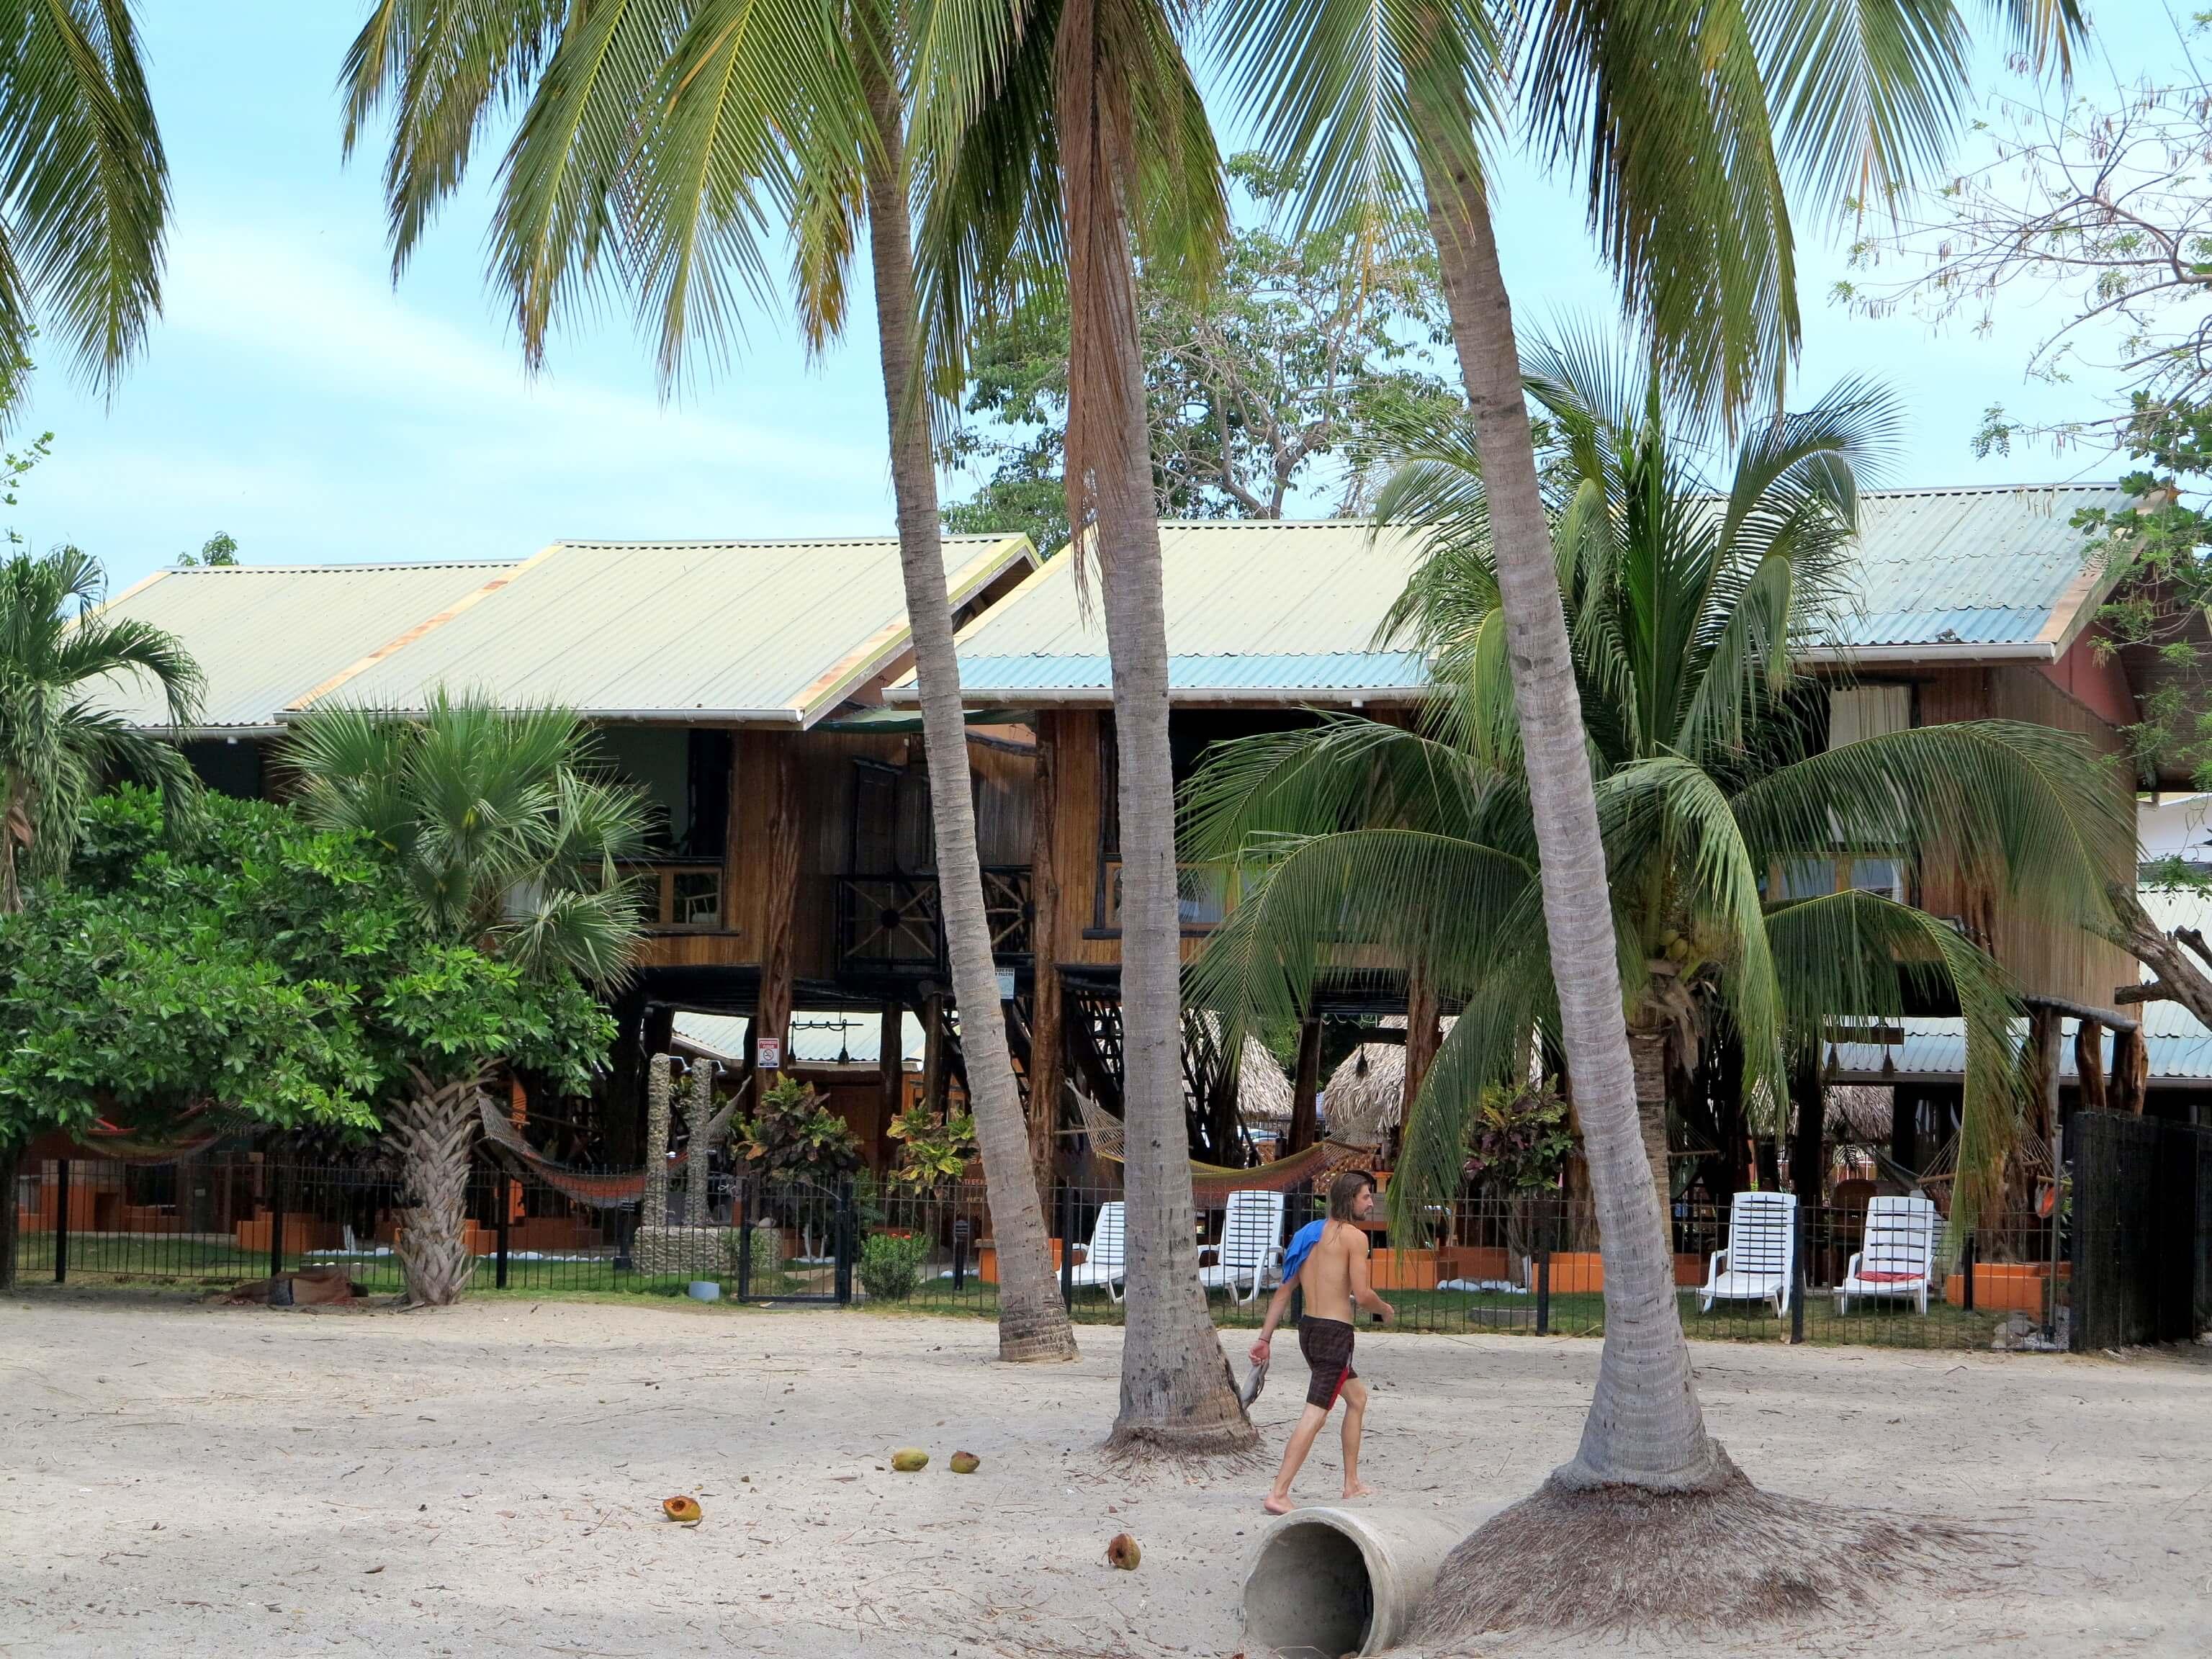 Samara Tree House Inn